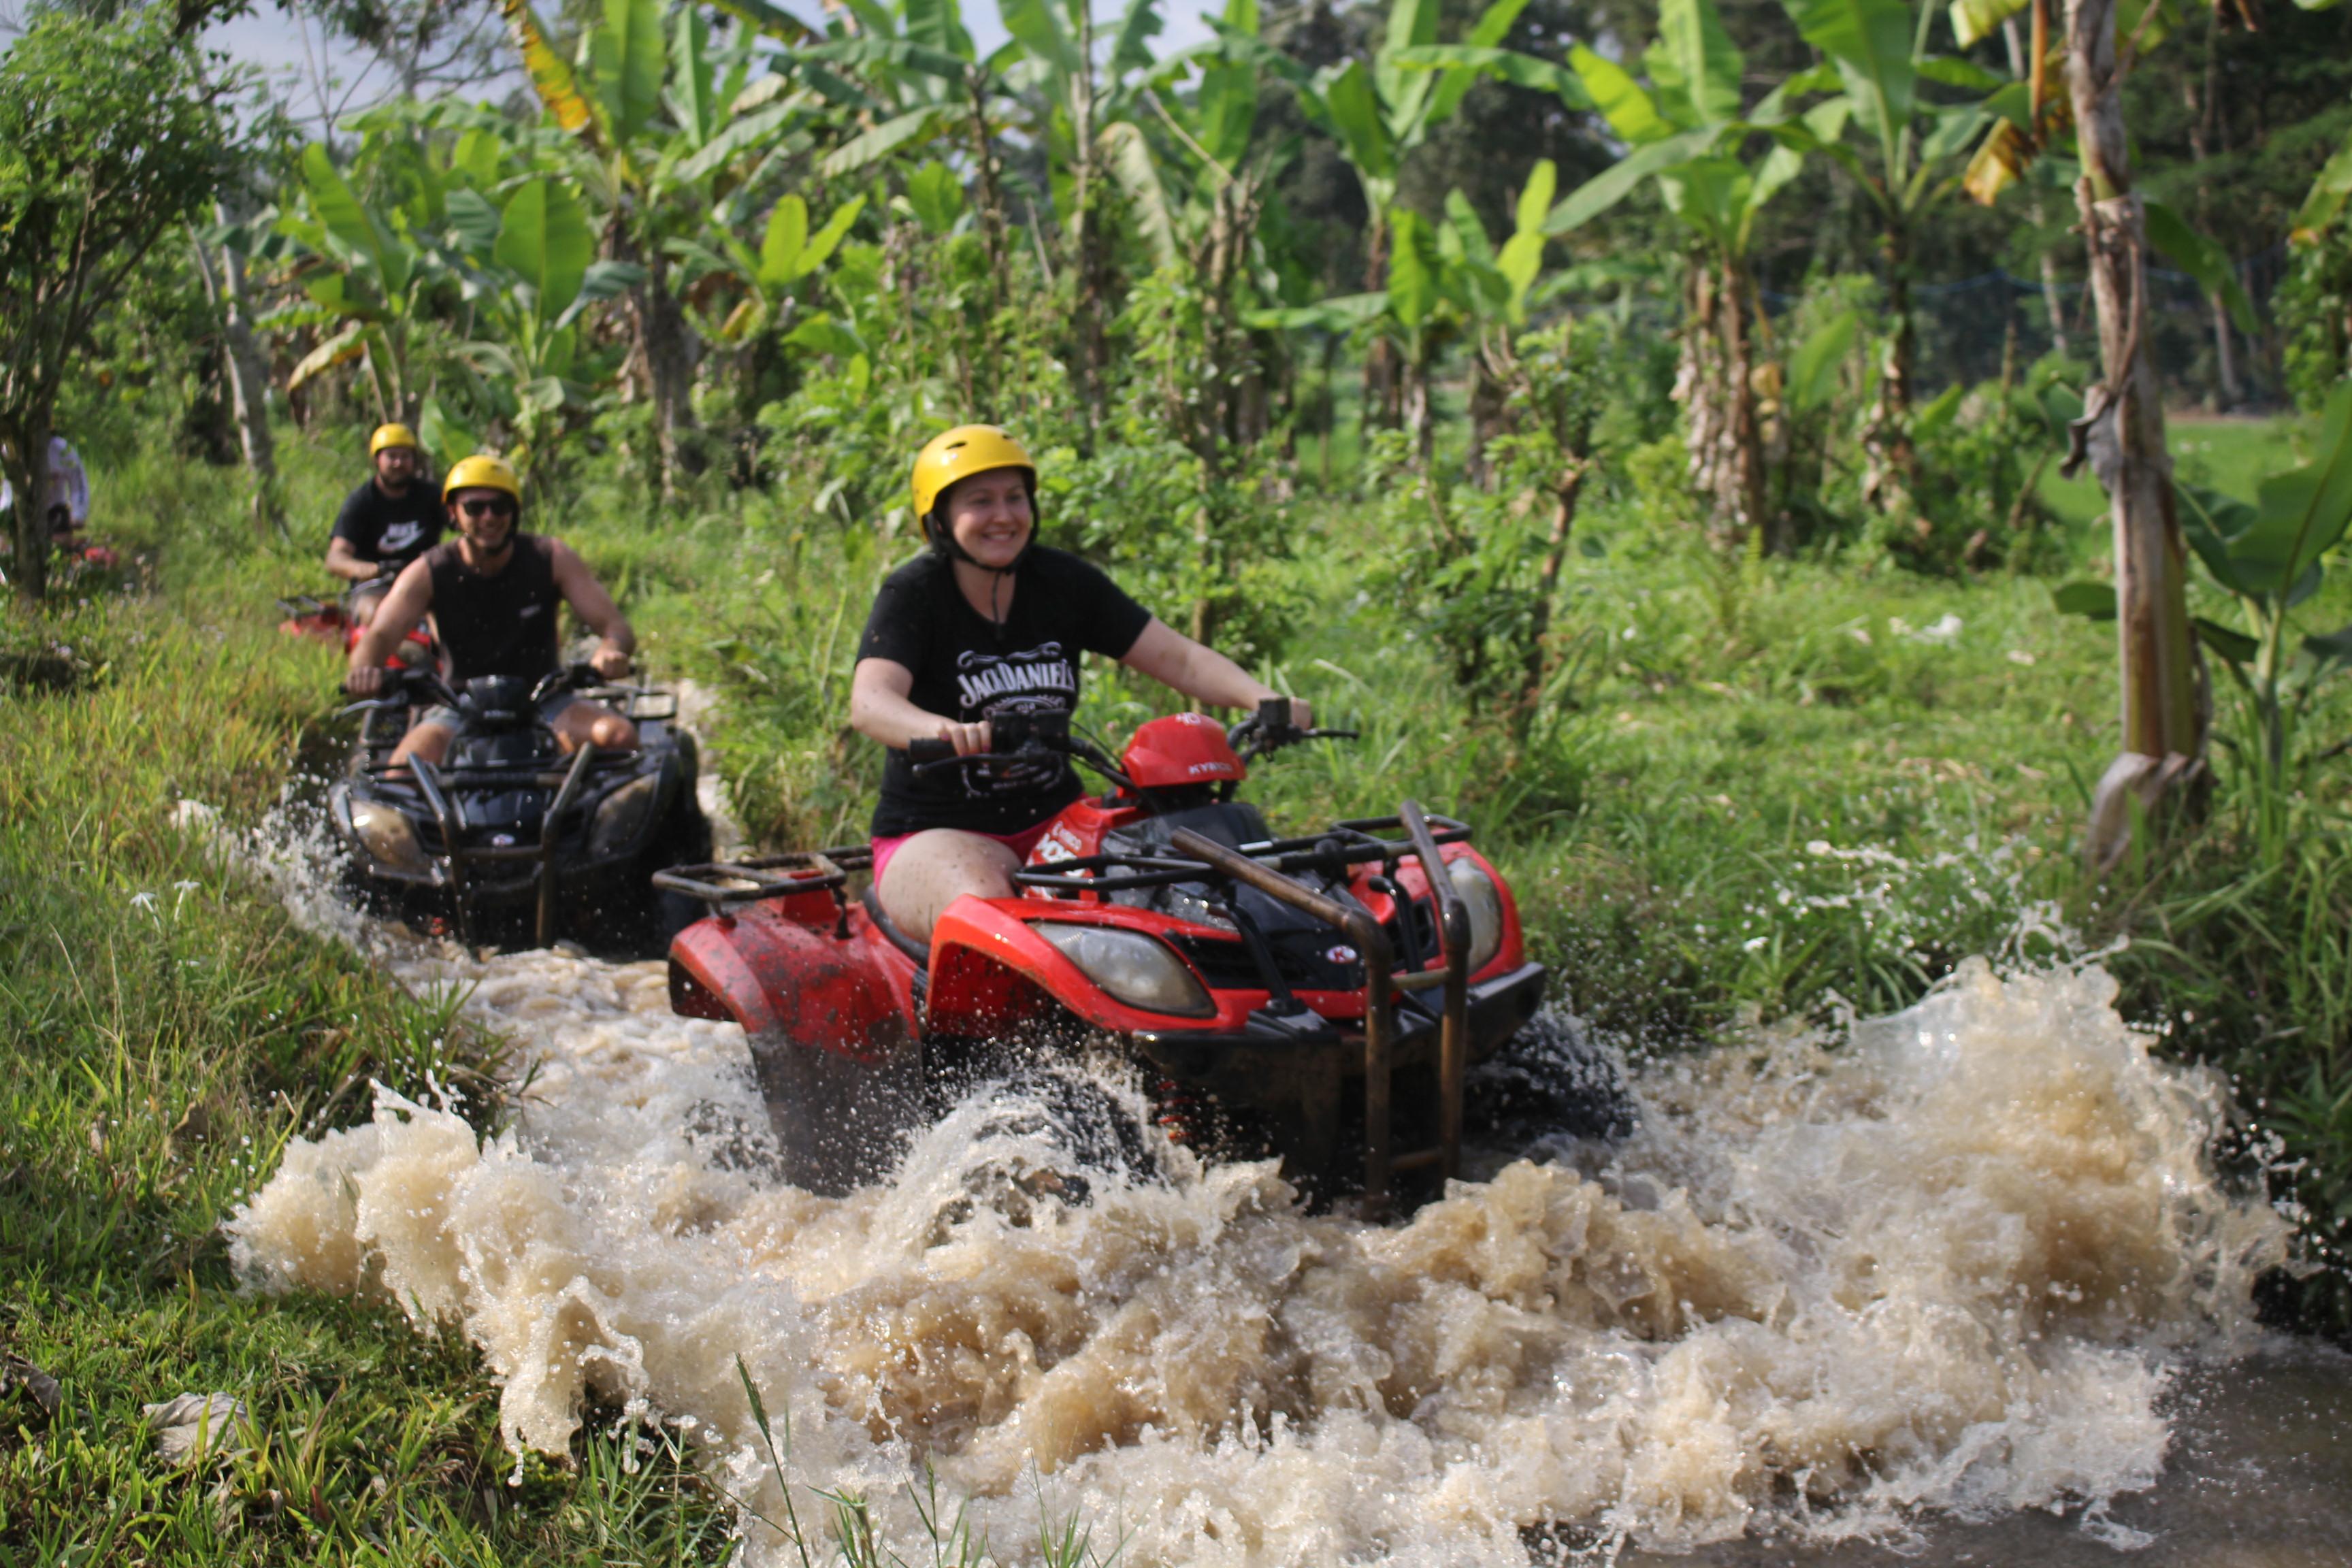 Splash some mud riding an ATV.